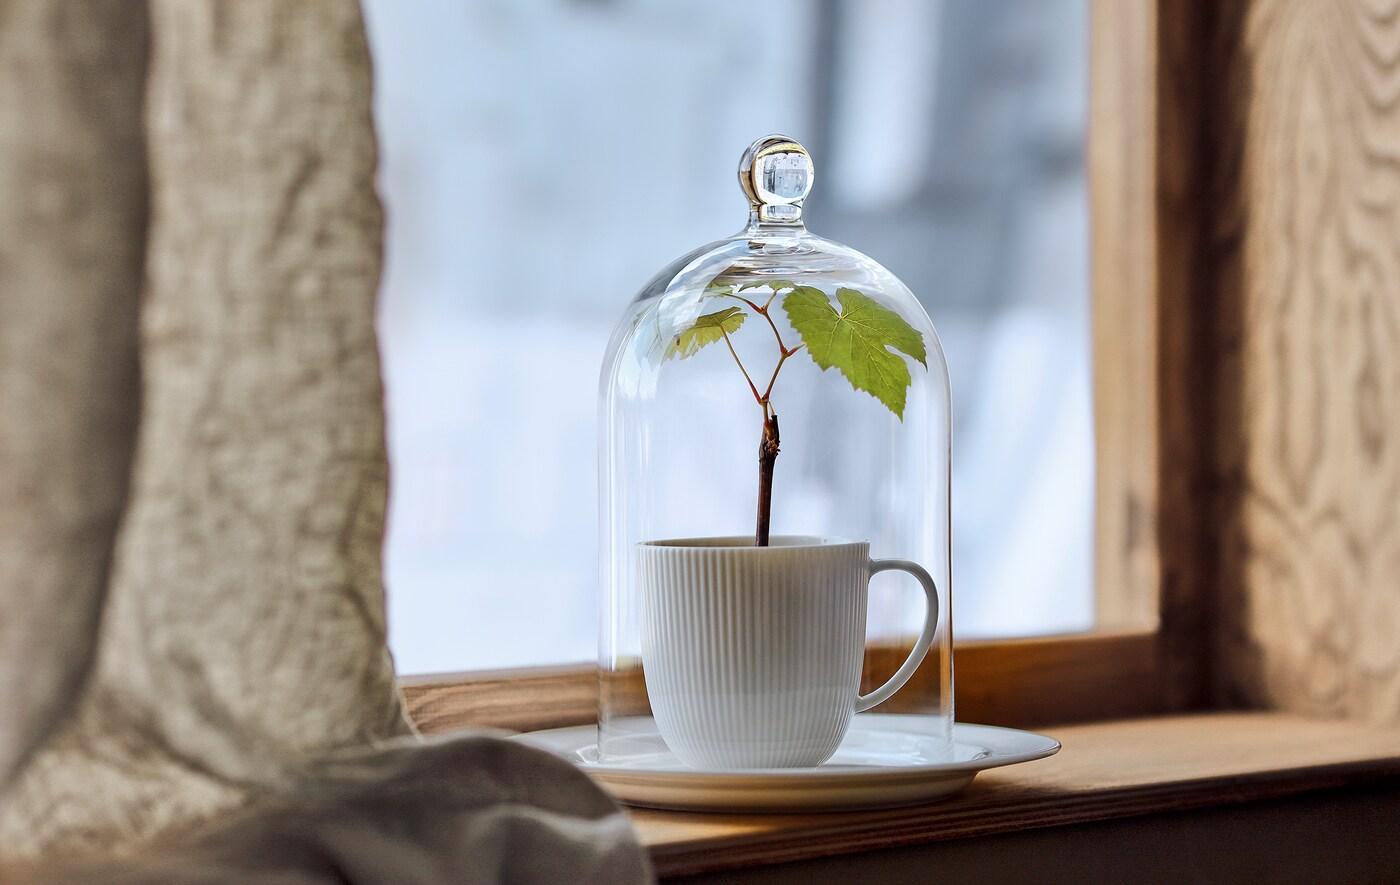 MORGONTID glaskuppel er placeret over en lillebitte plante i et tekrus i en smal vindueskarm. I baggrunden ses et vinterlandskab.